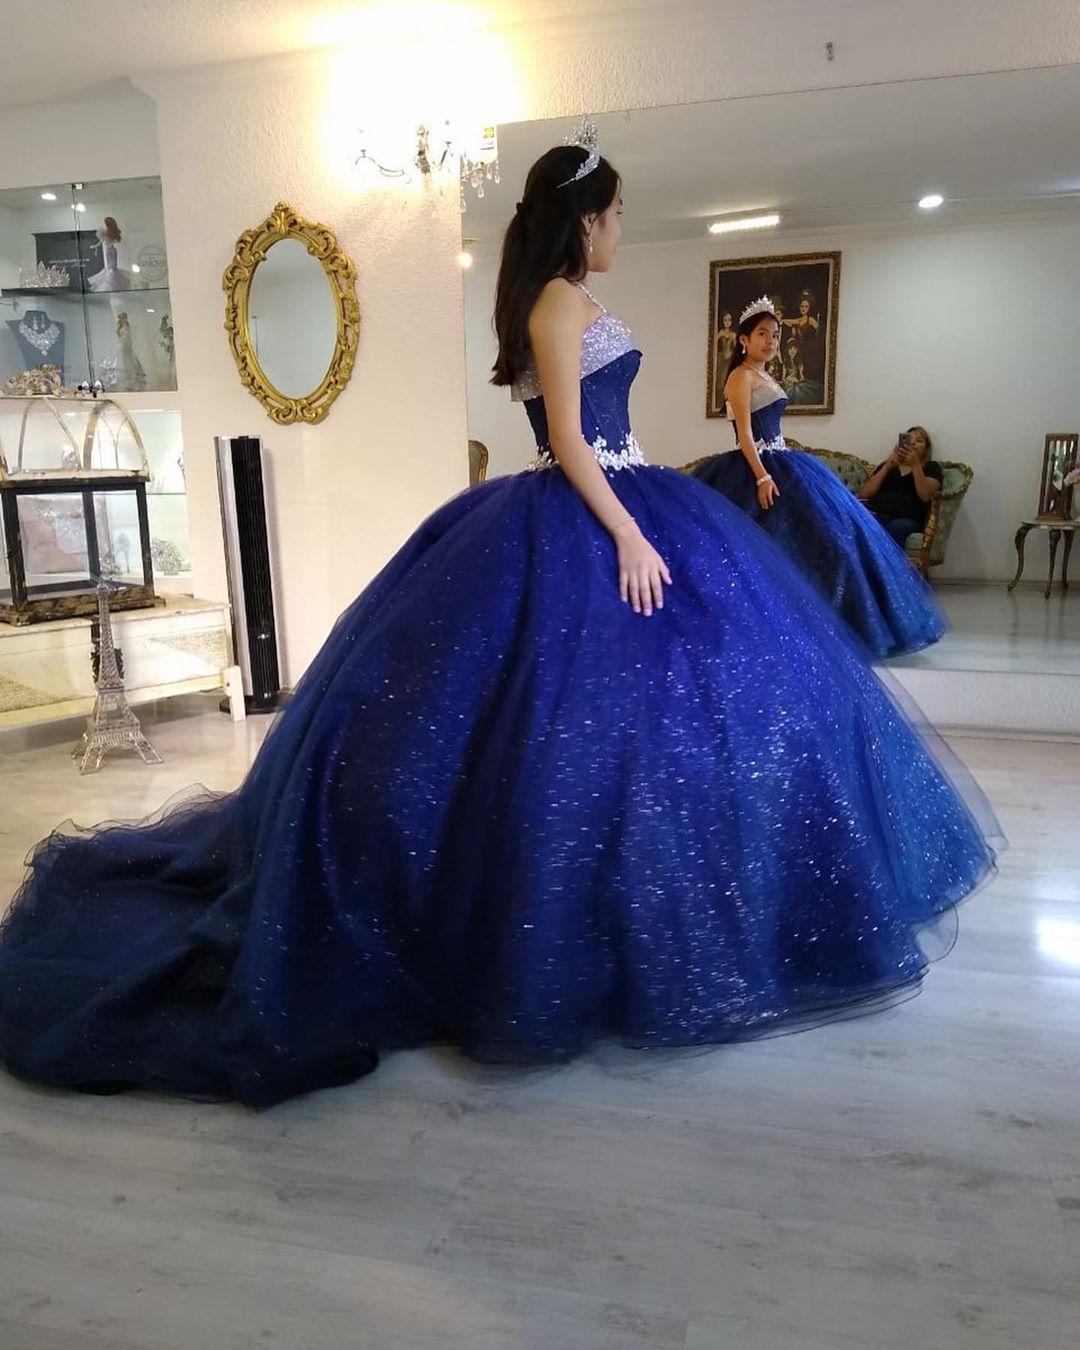 Brillo de las lentejuelas azul real del vestido de bola del vestido de encaje de quinceañera Apliques hinchadas niñas de 15 años vestidos de cumpleaños Vestidos de quinceañera